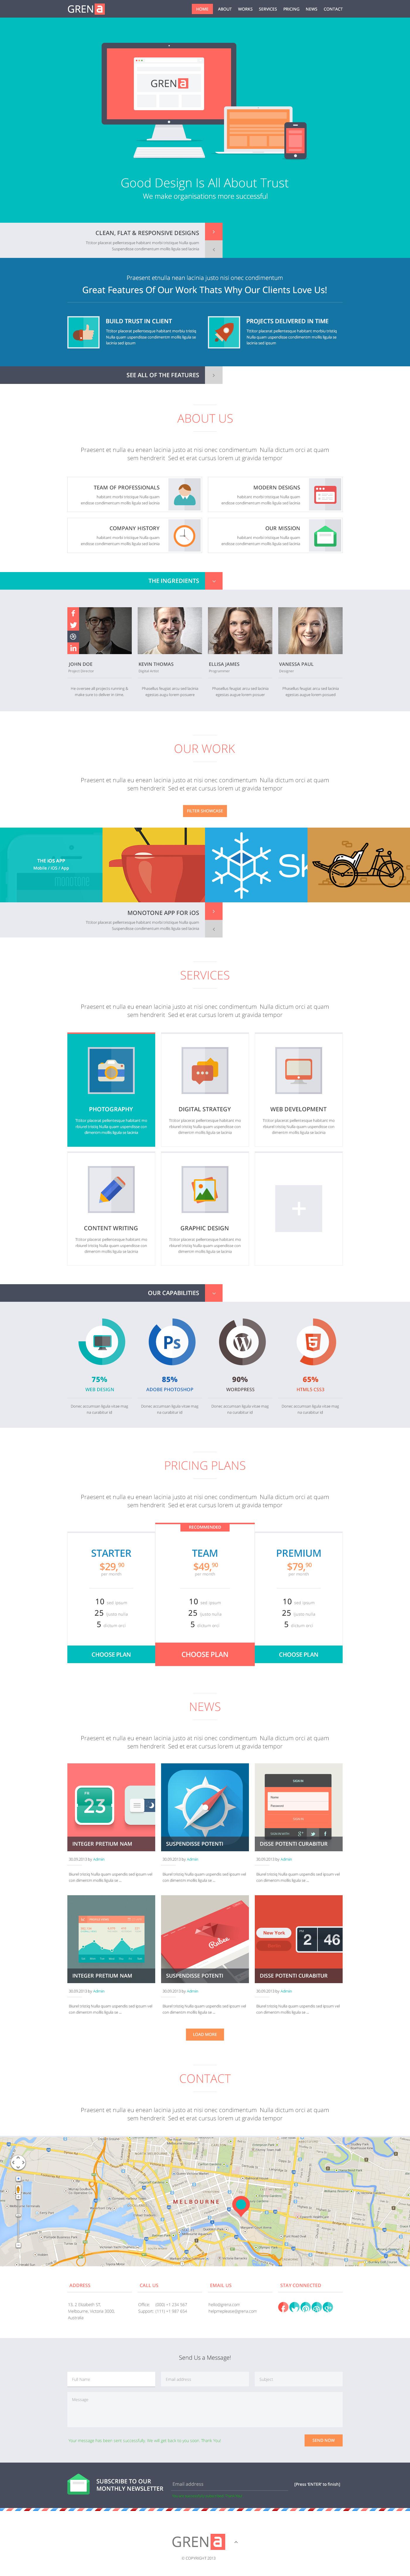 Grena | Multi-Purpose Parallax PSD Landing Page